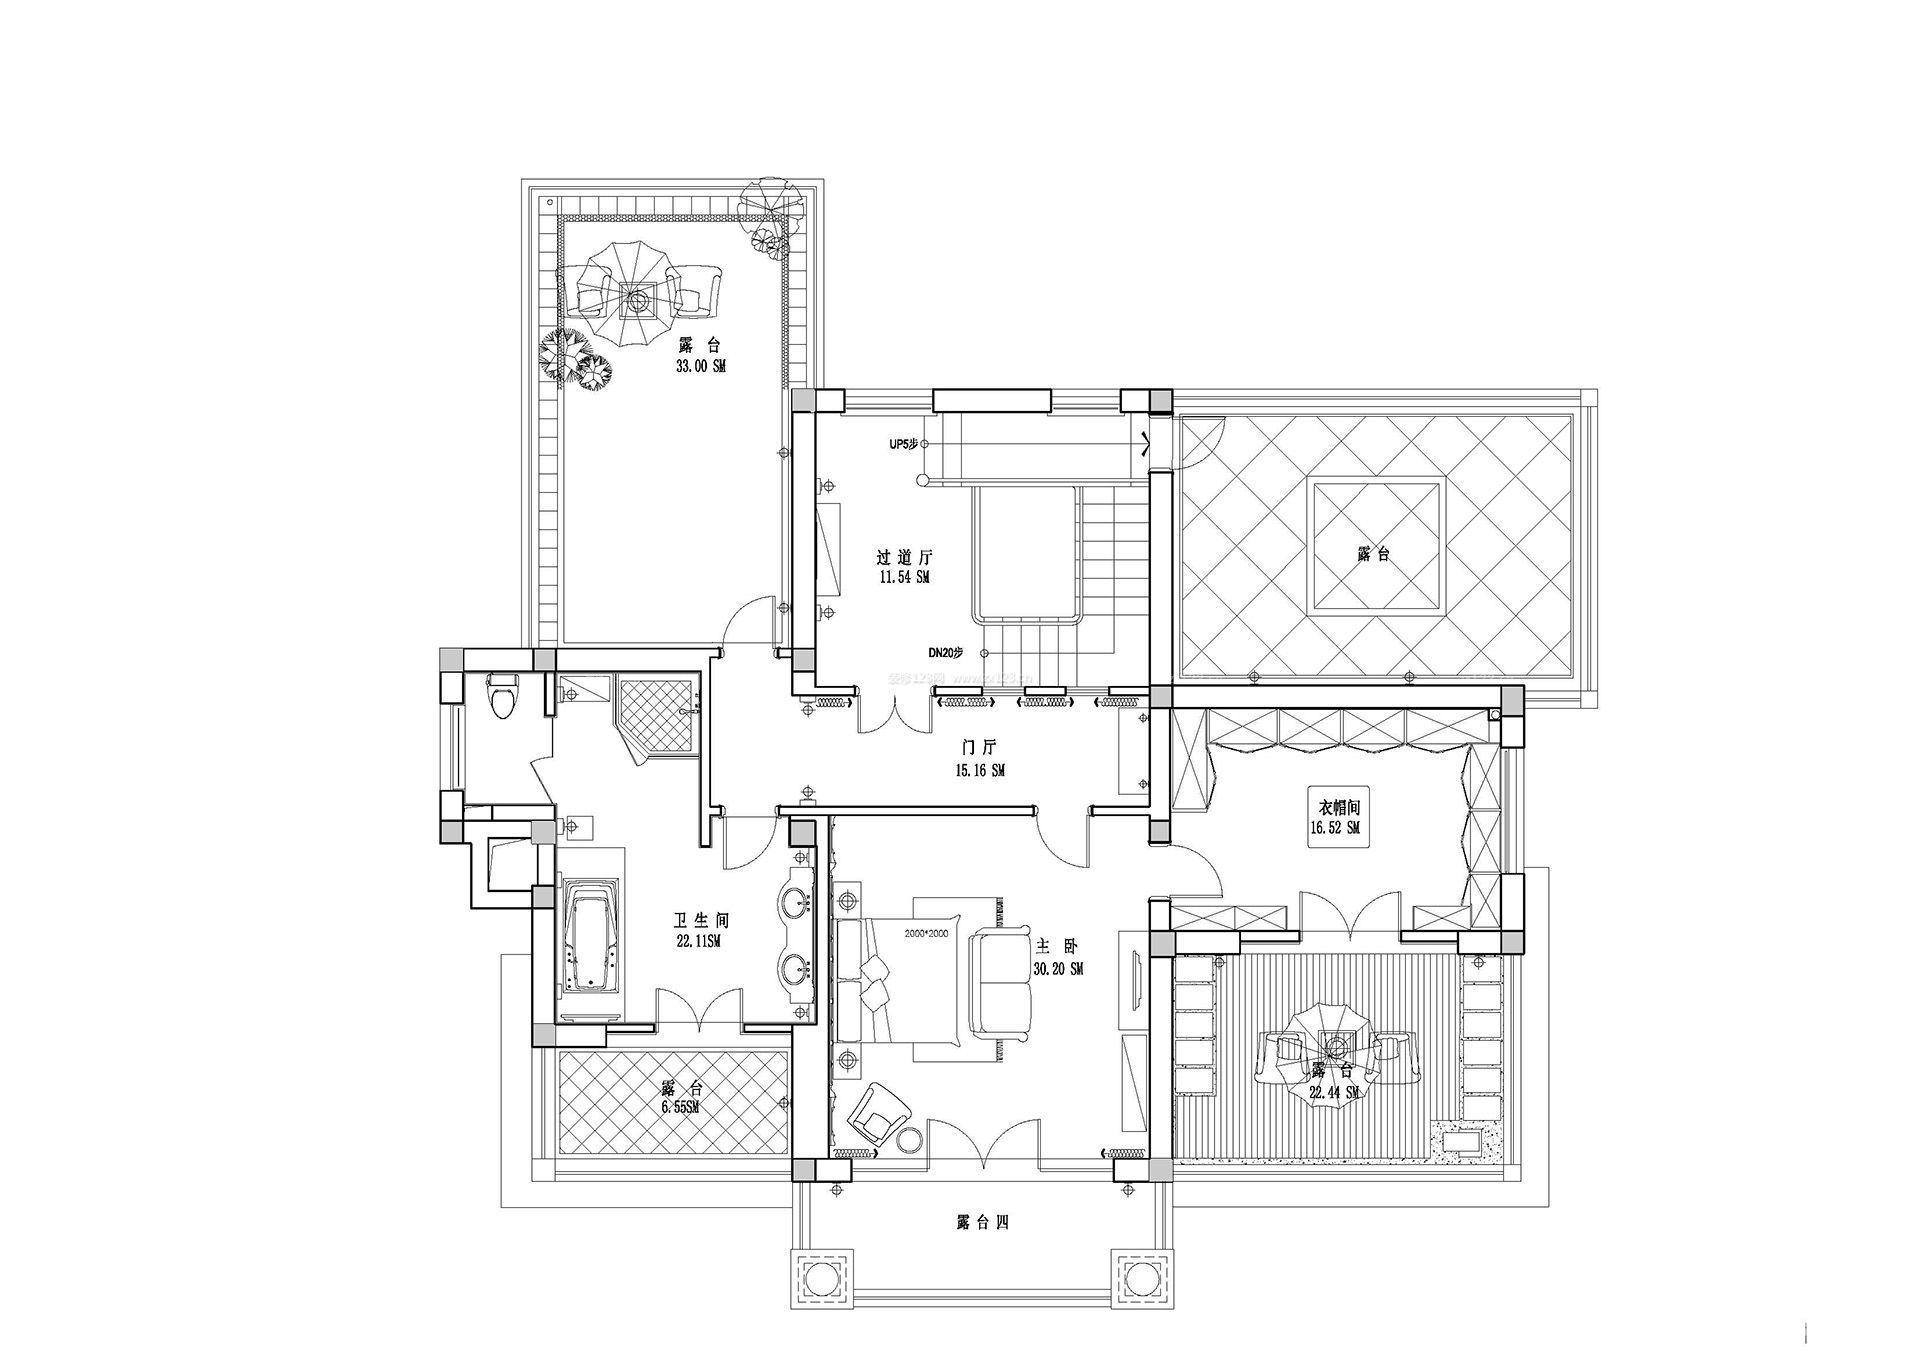 楼房露台设计平面图